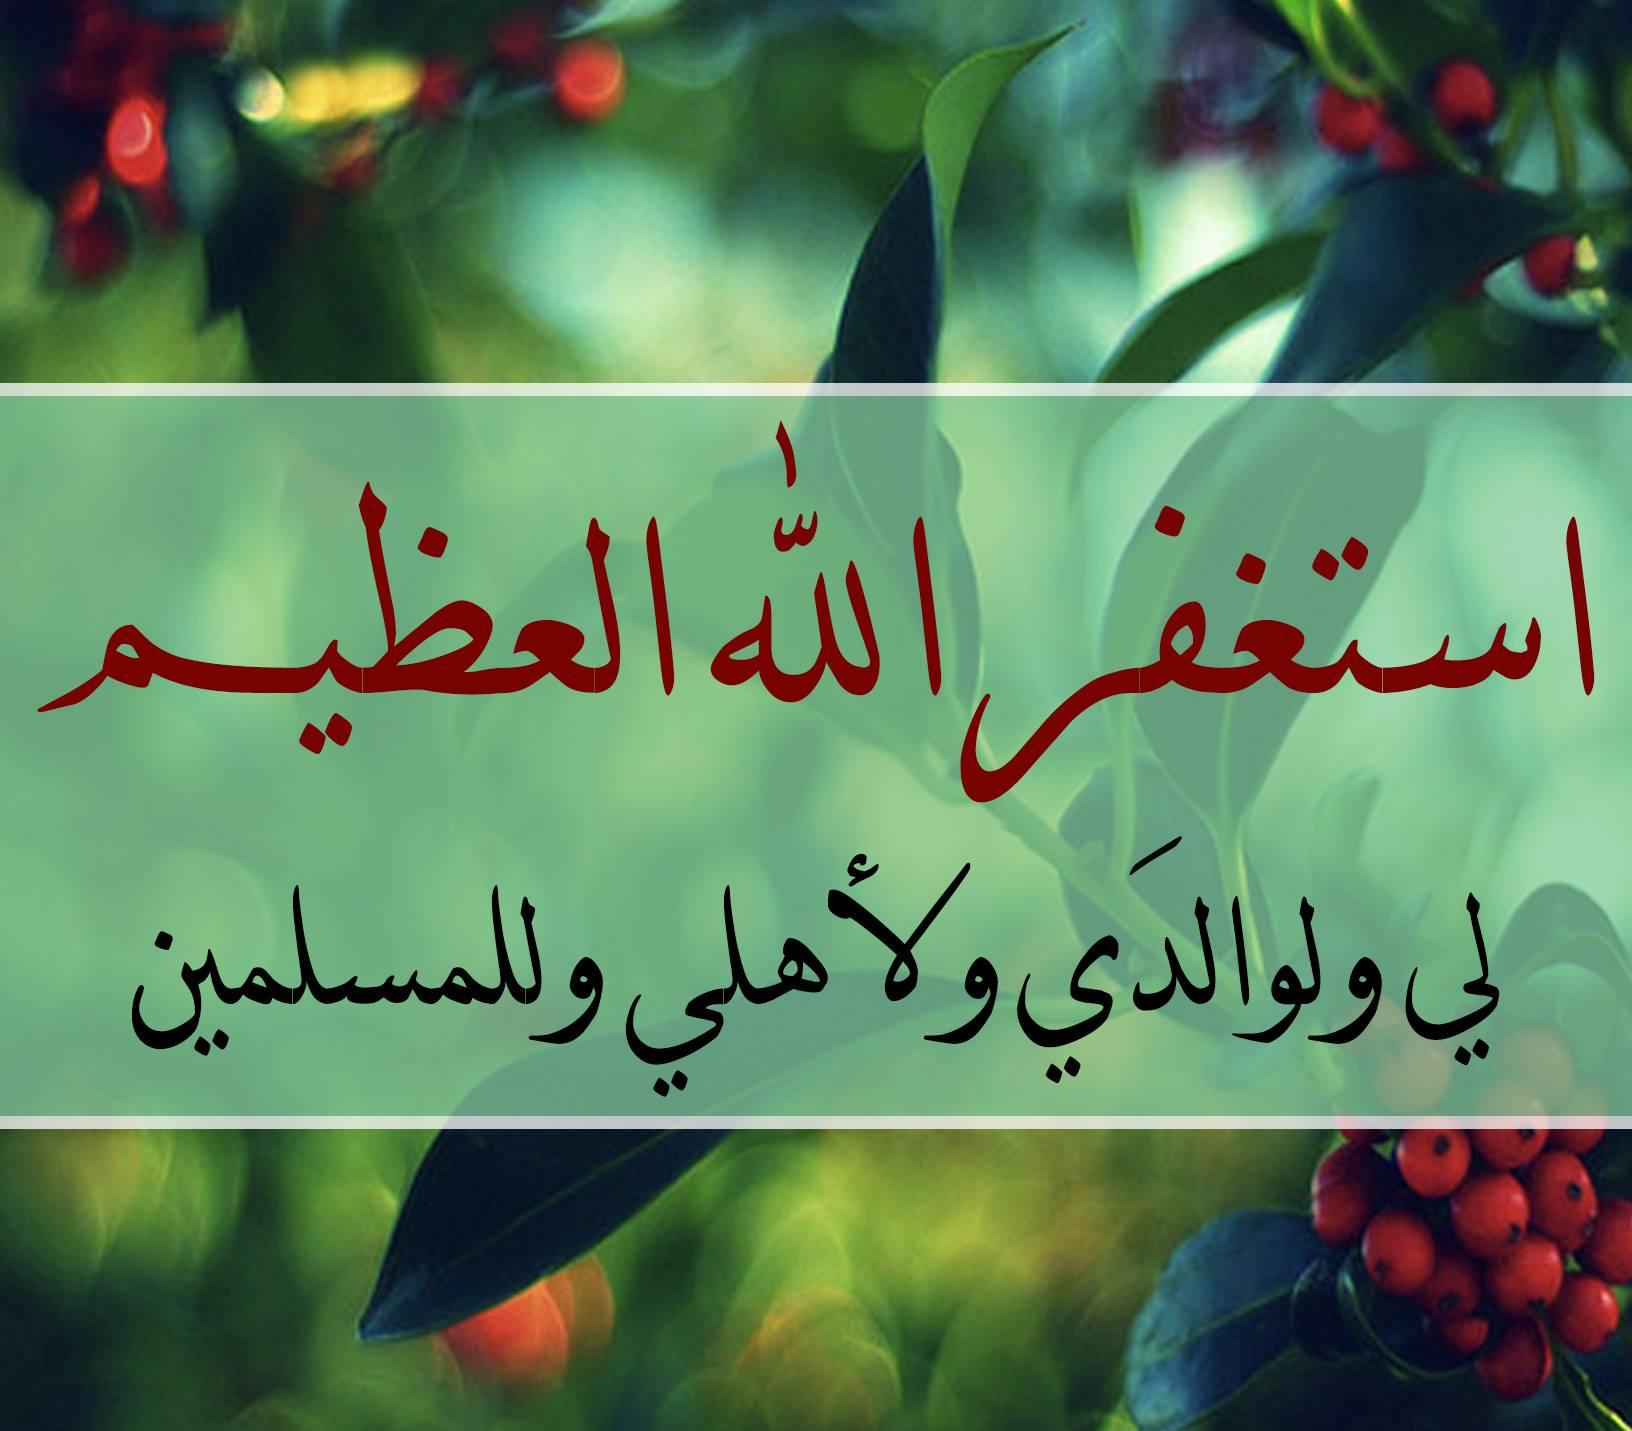 صور عن الاستغفار مكتوب عليها استغفر الله العظيم (5)